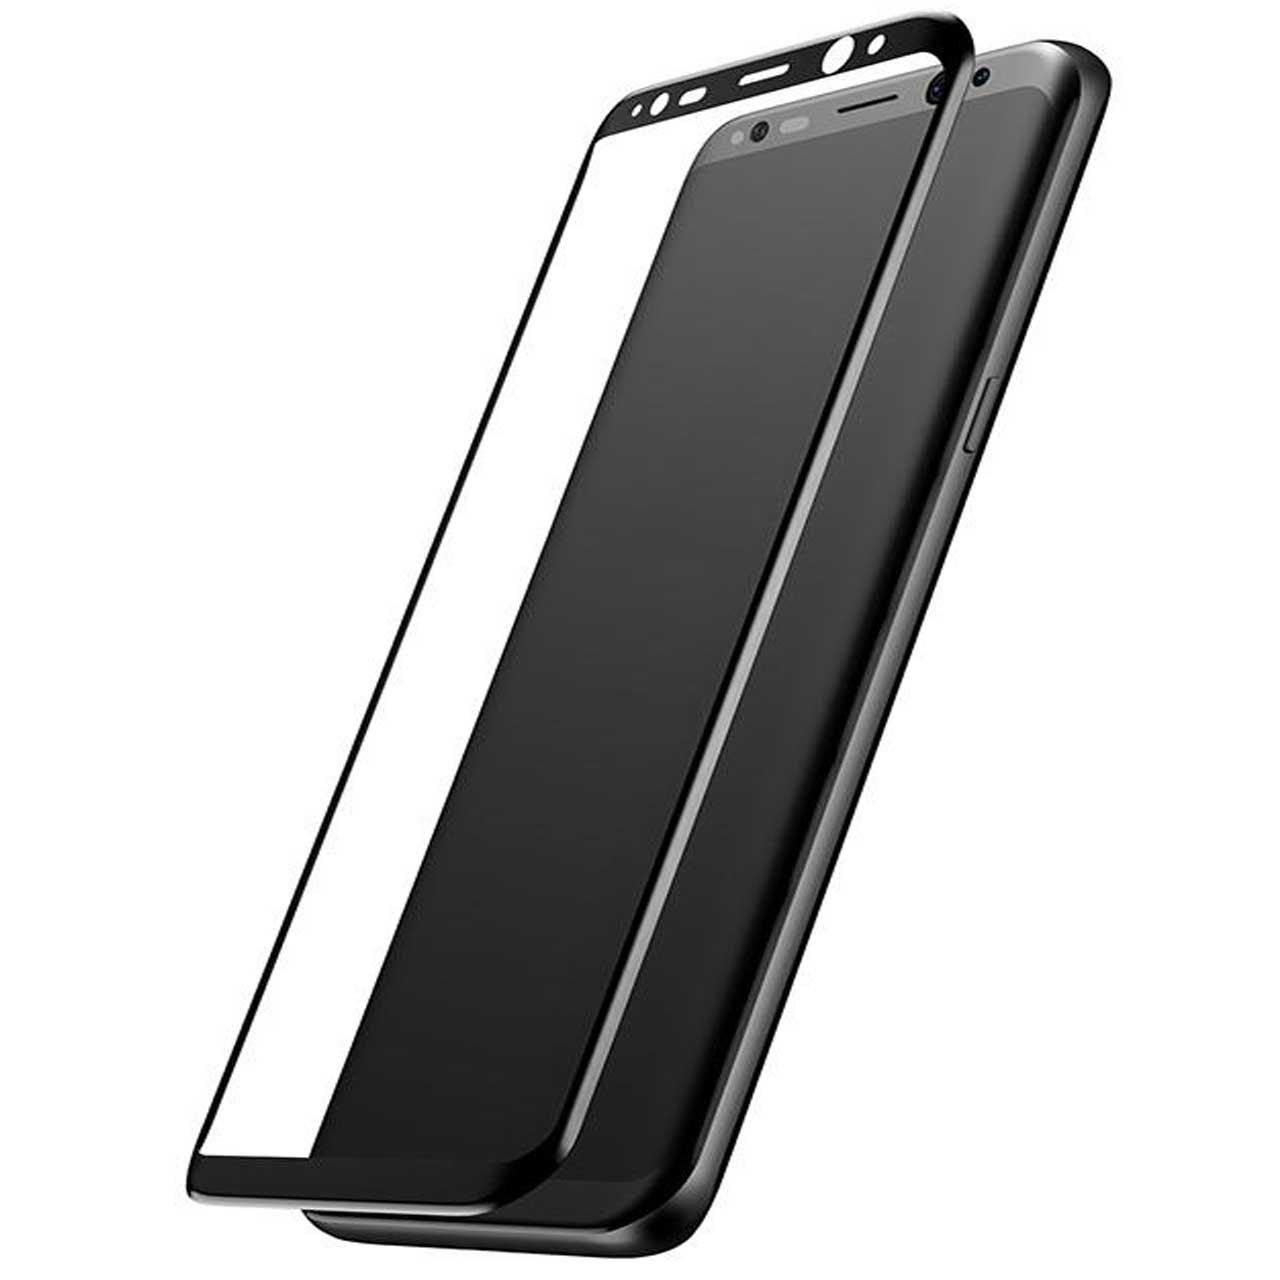 محافظ صفحه نمایش شیشه ای باسئوس مدل 3D Arc Tempered مناسب برای گوشی موبایل سامسونگ گلکسی S8